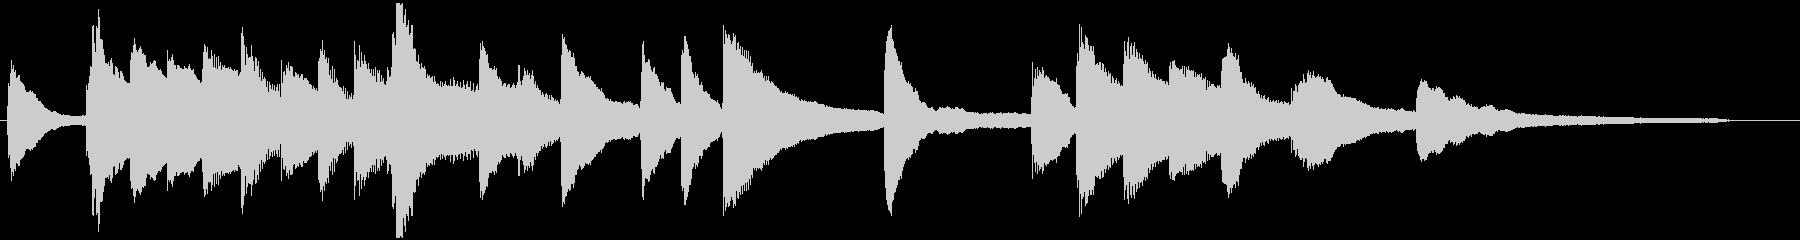 ピアノ_場面展開_ゲームオーバーの未再生の波形